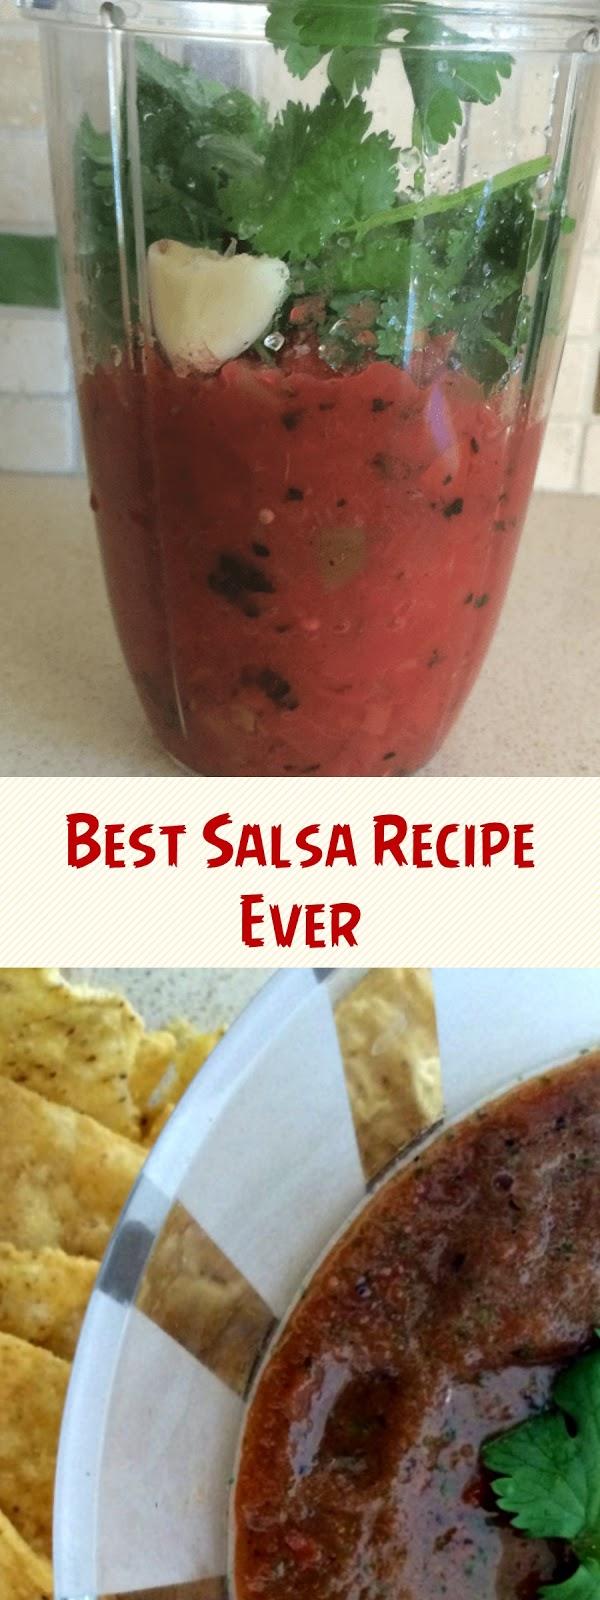 Best Salsa Recipe Ever